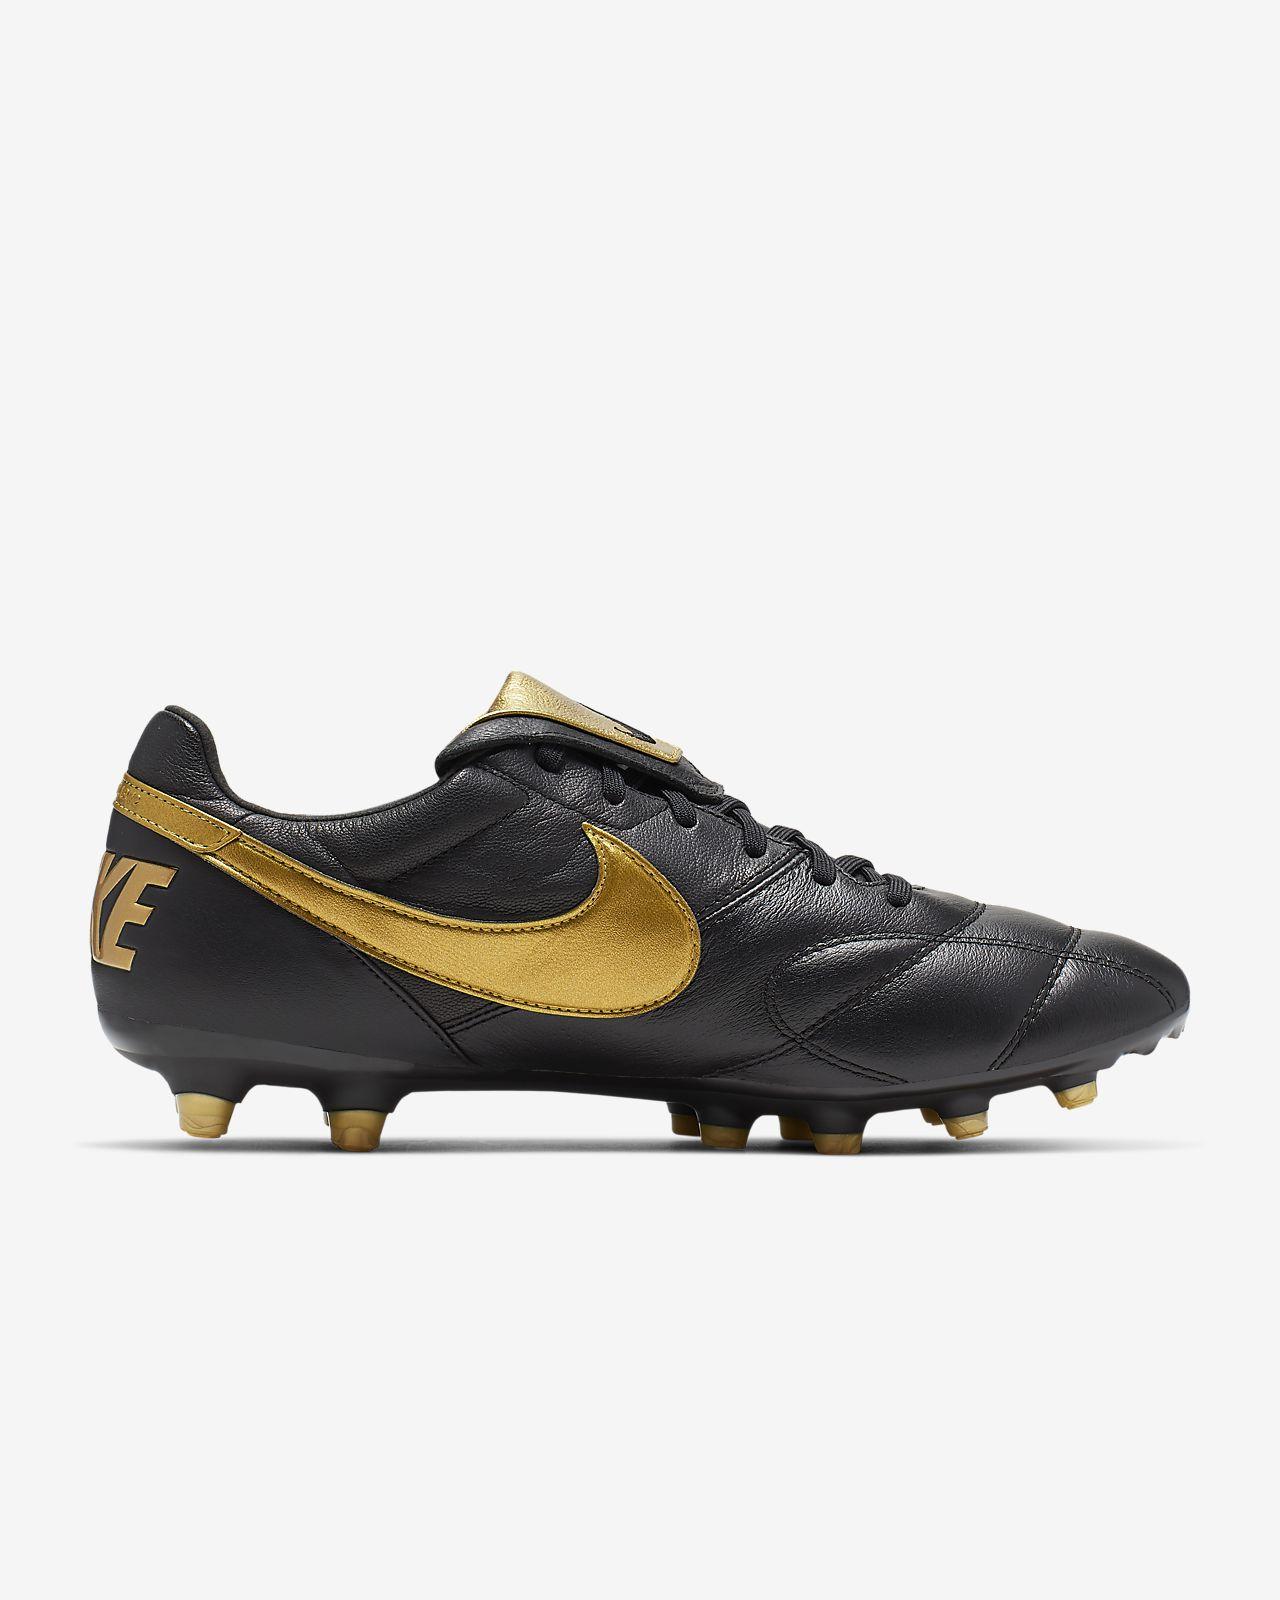 6f894f130 Calzado de fútbol para terreno firme Nike Premier II FG. Nike.com CL